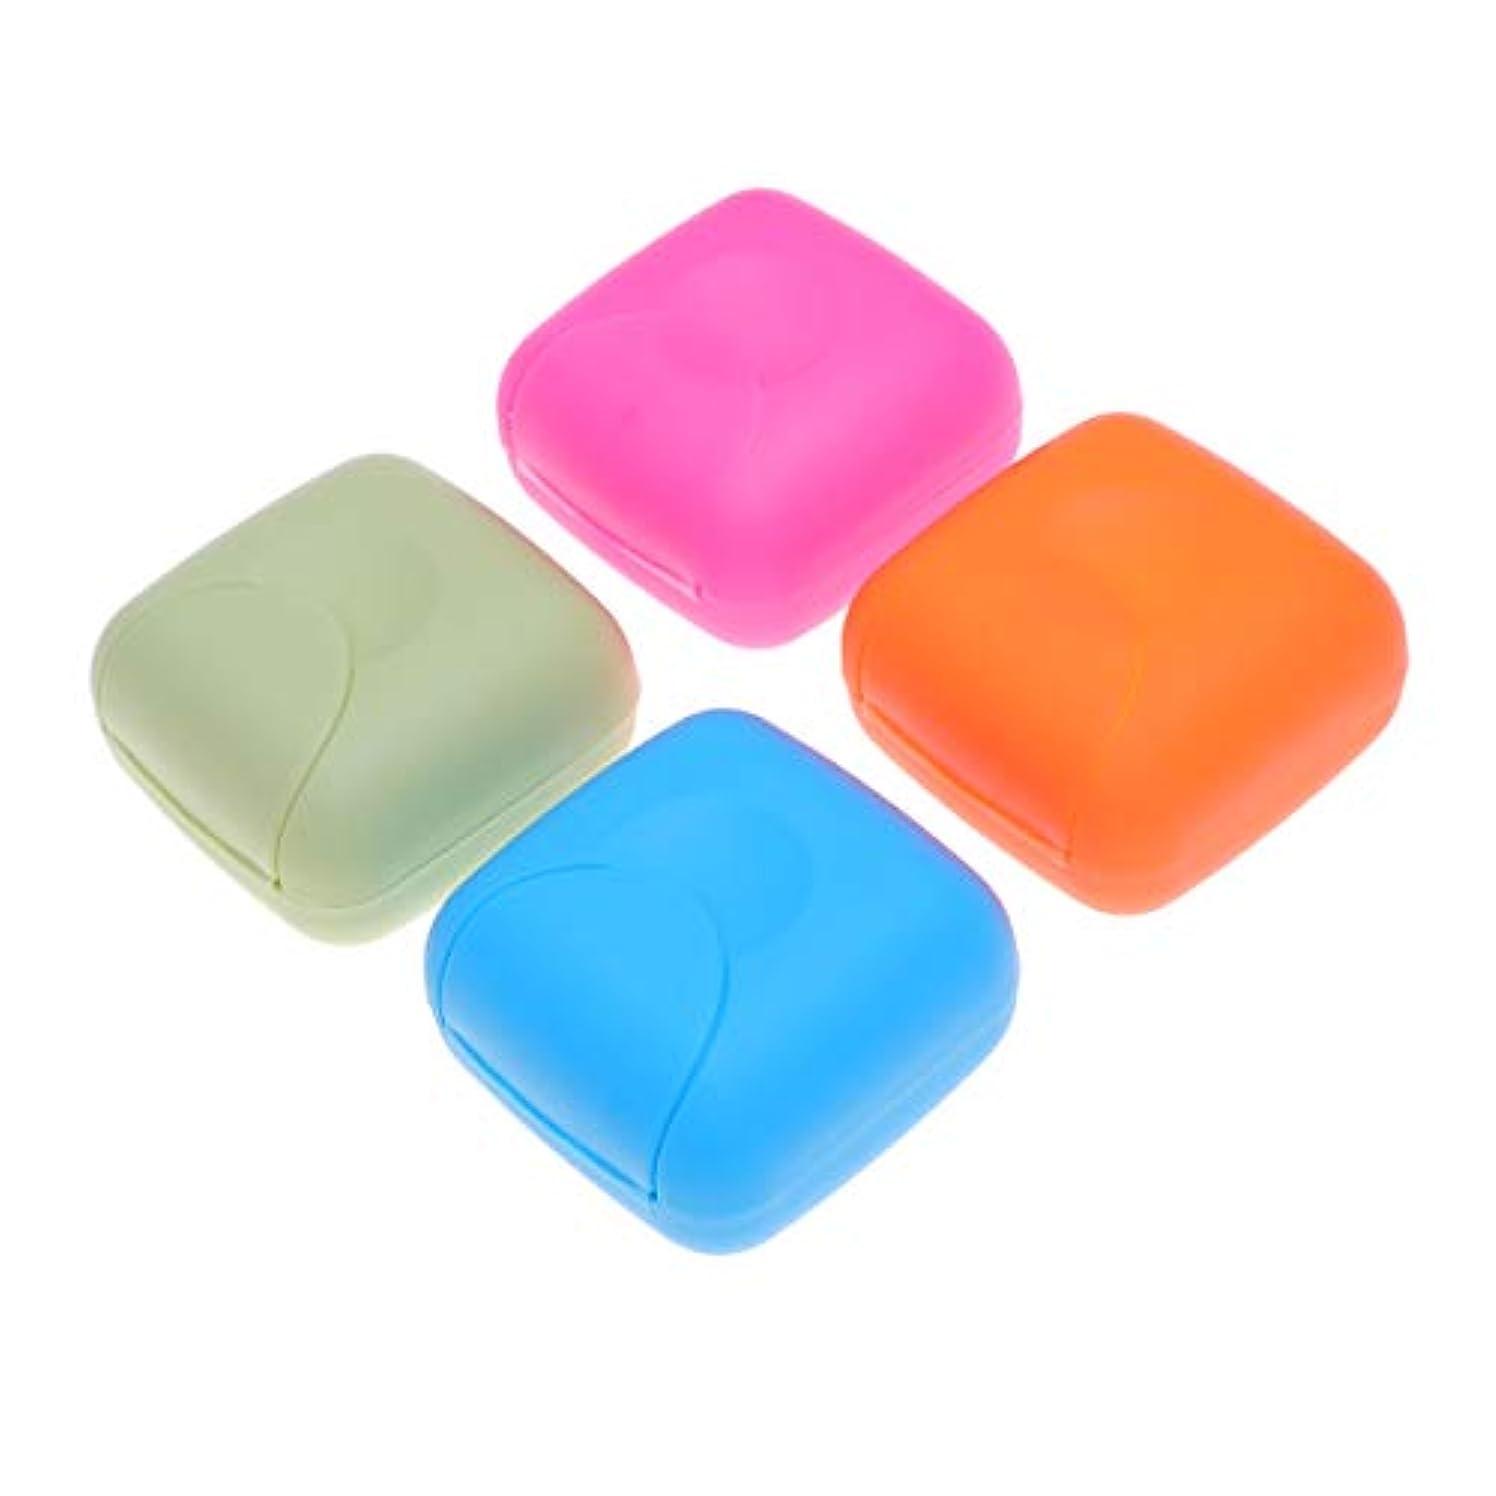 絶え間ない記念日後悔Healifty ソープボックスポータブルソープディッシュソープケース4本(ブルー、ロージー、オレンジ、ピンク)